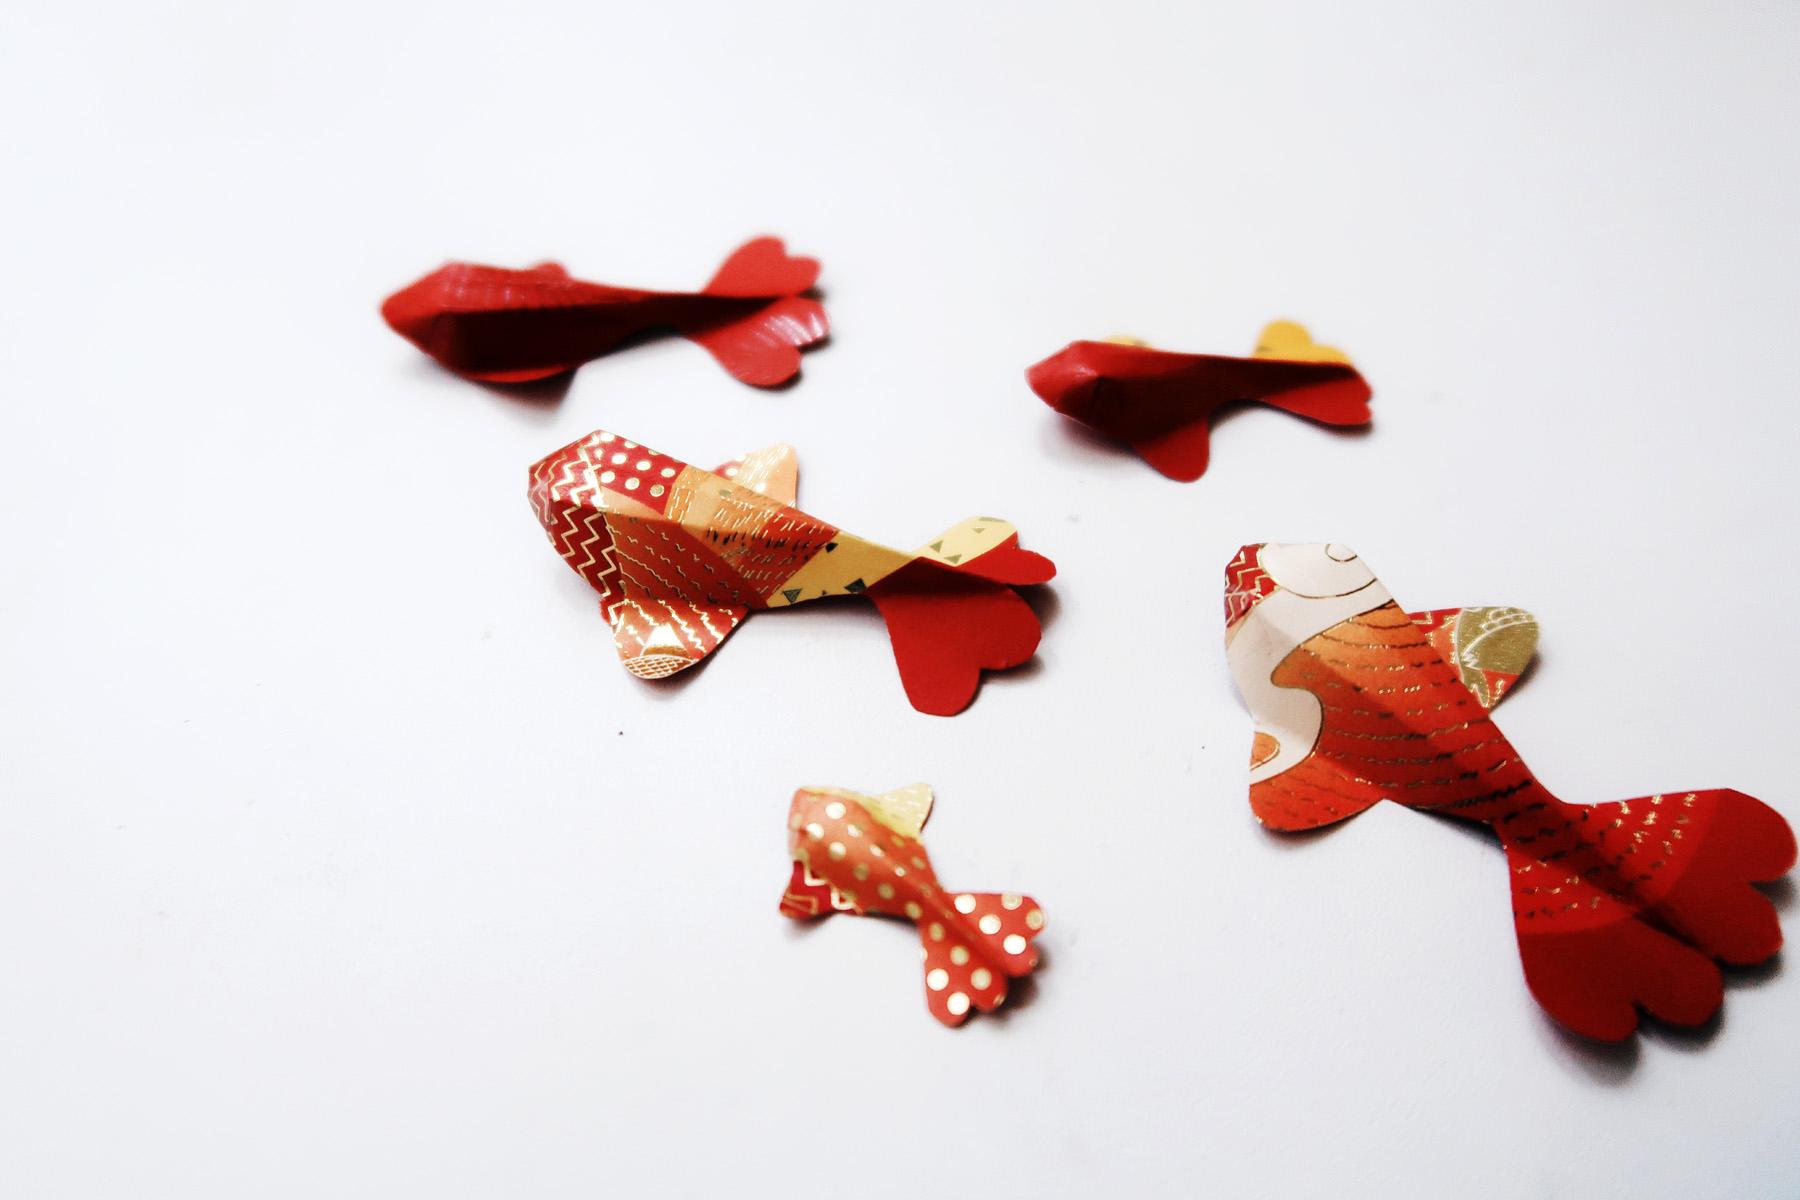 / 灰調 / DIY手作小教學:立體錦鯉紅包袋 - 紙錦鯉魚群